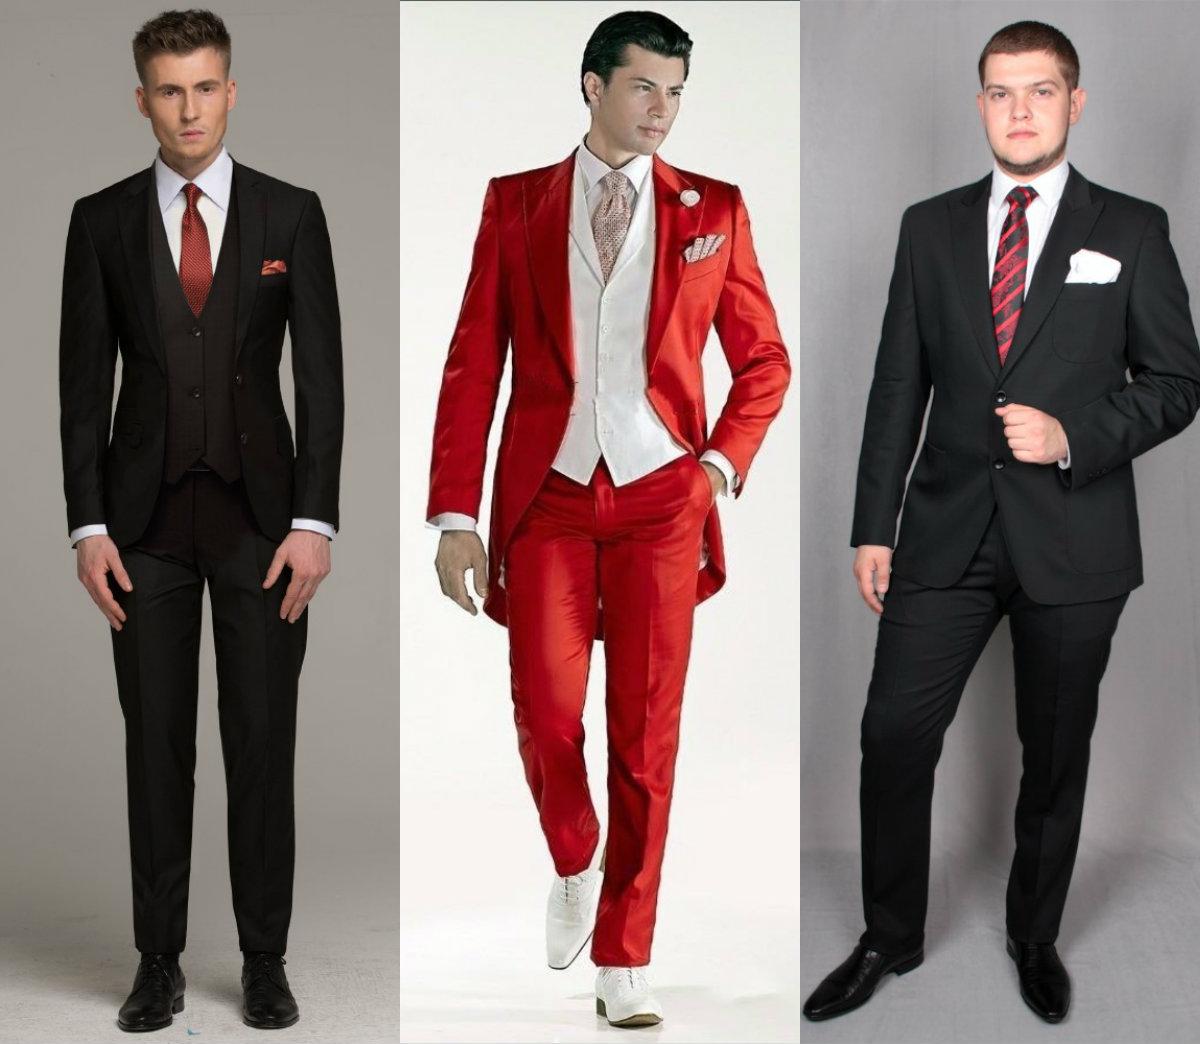 Мужские костюмы 2019: от сдержанных до ярких красок